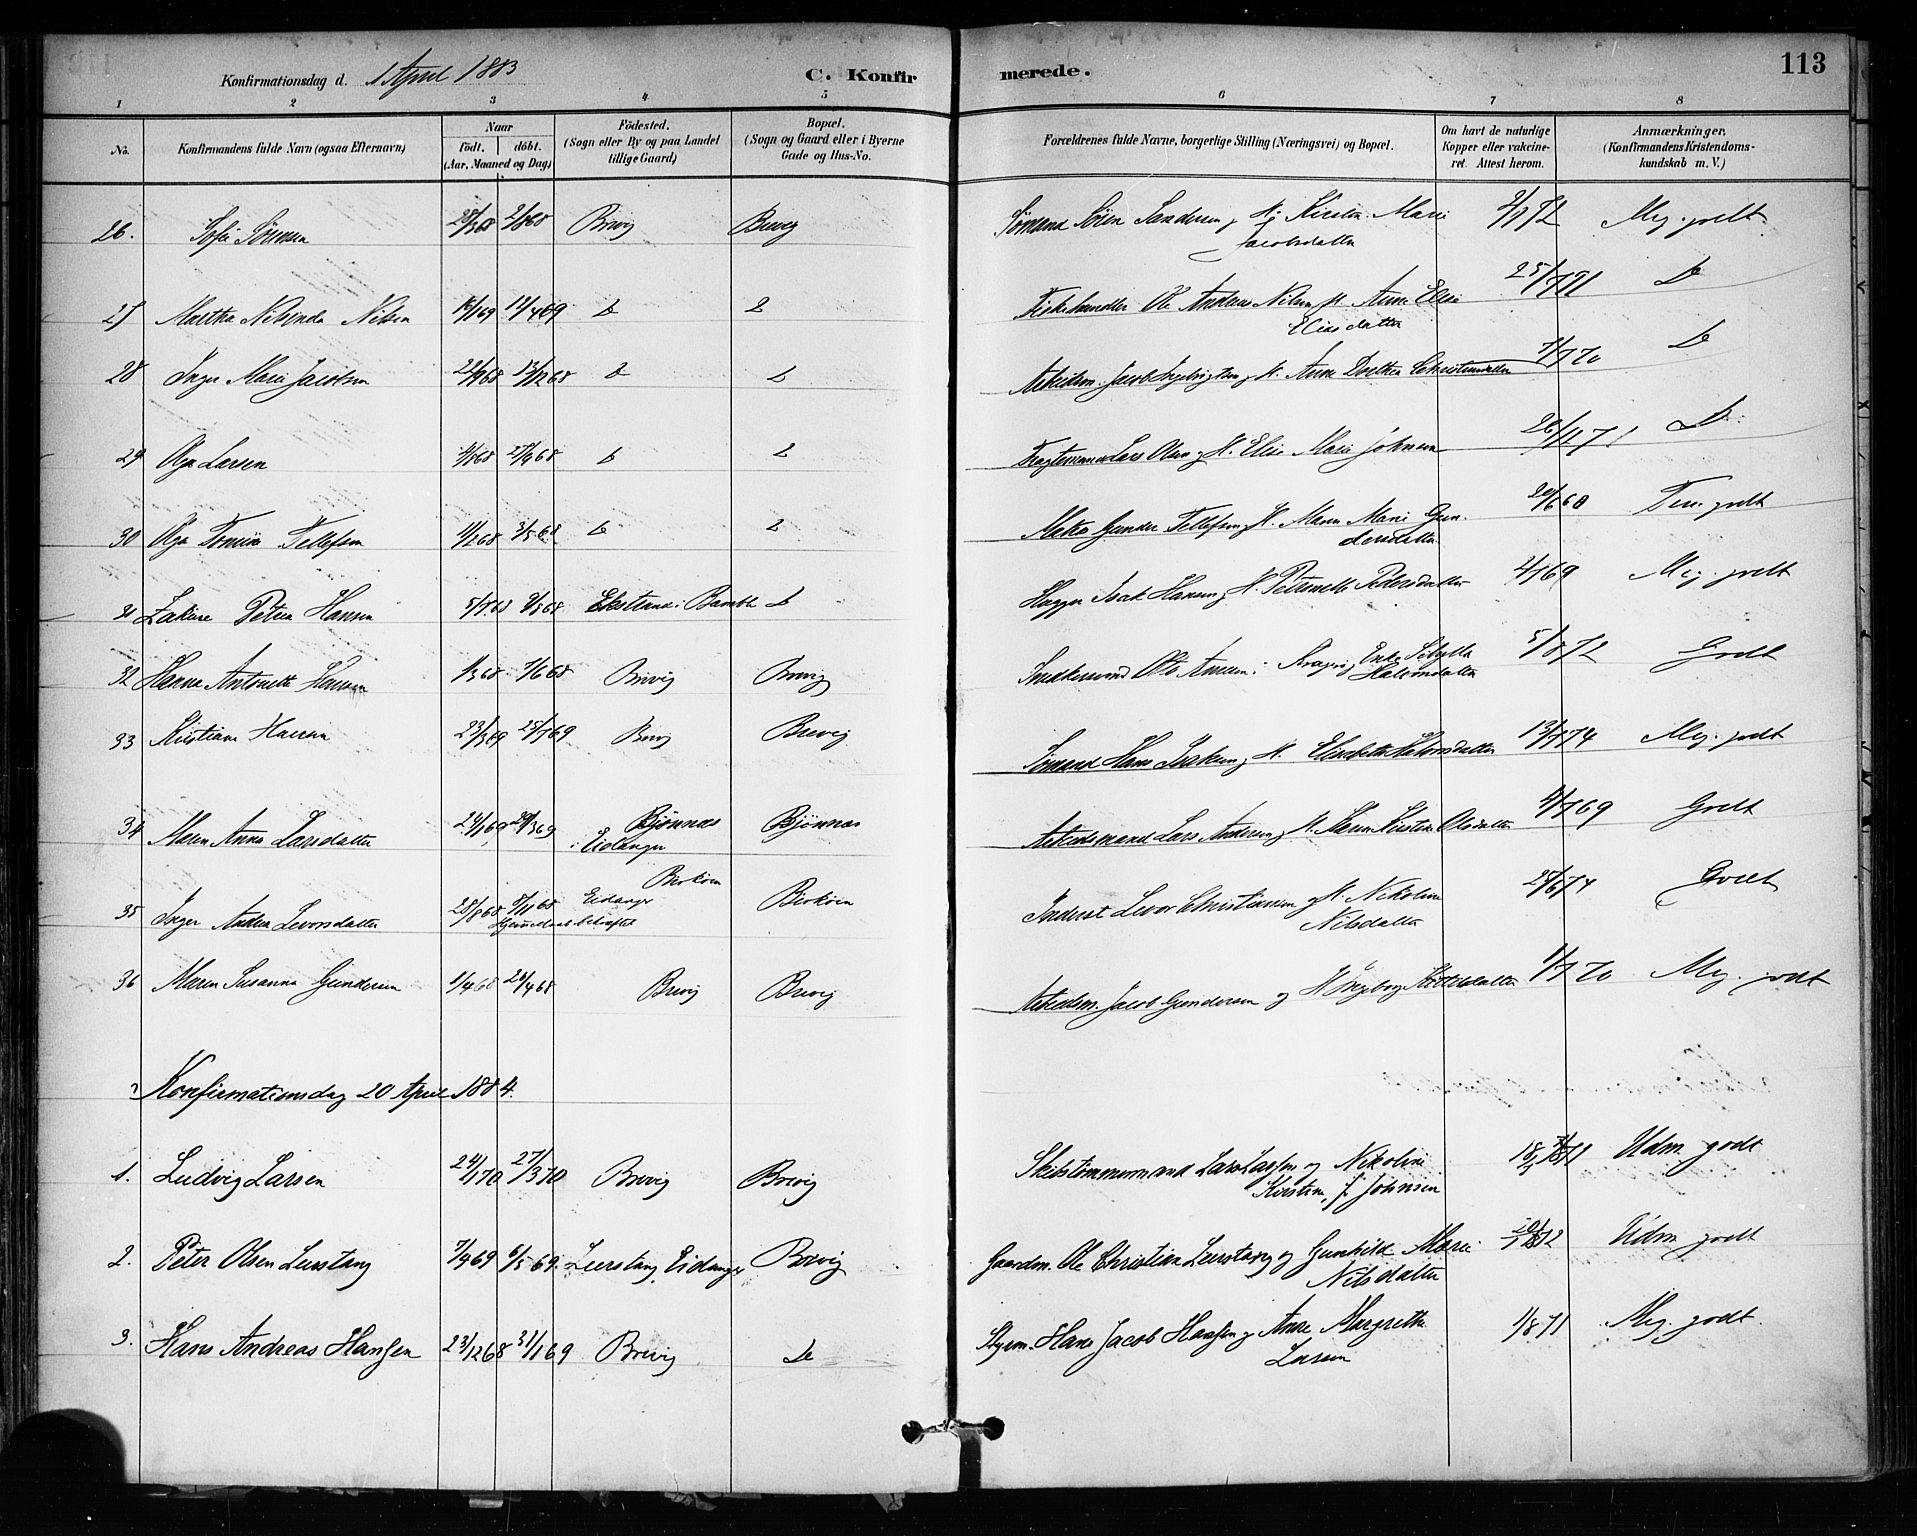 SAKO, Brevik kirkebøker, F/Fa/L0007: Ministerialbok nr. 7, 1882-1900, s. 113